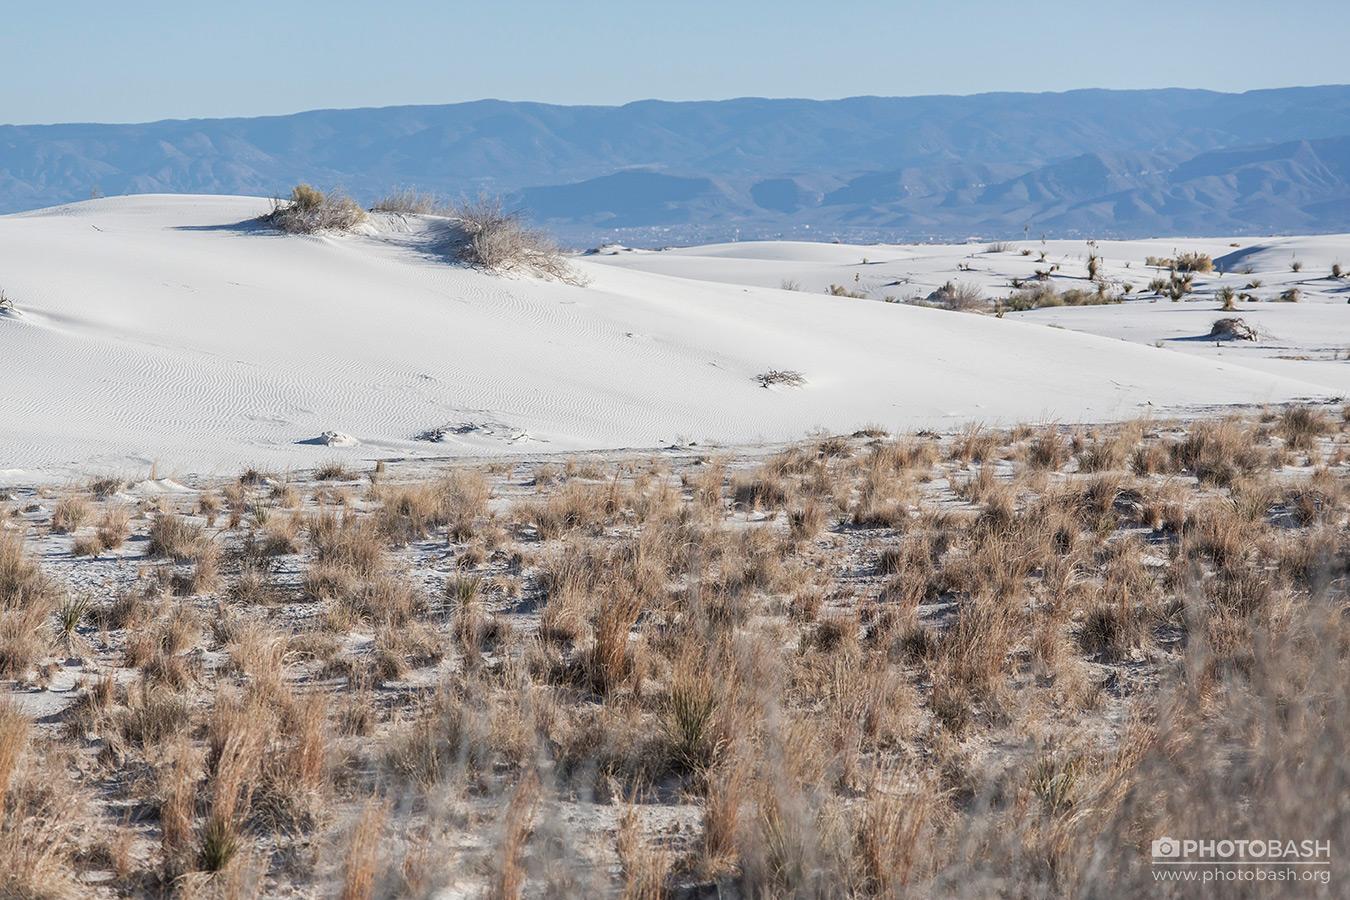 White-Desert-Dry-Landscape.jpg